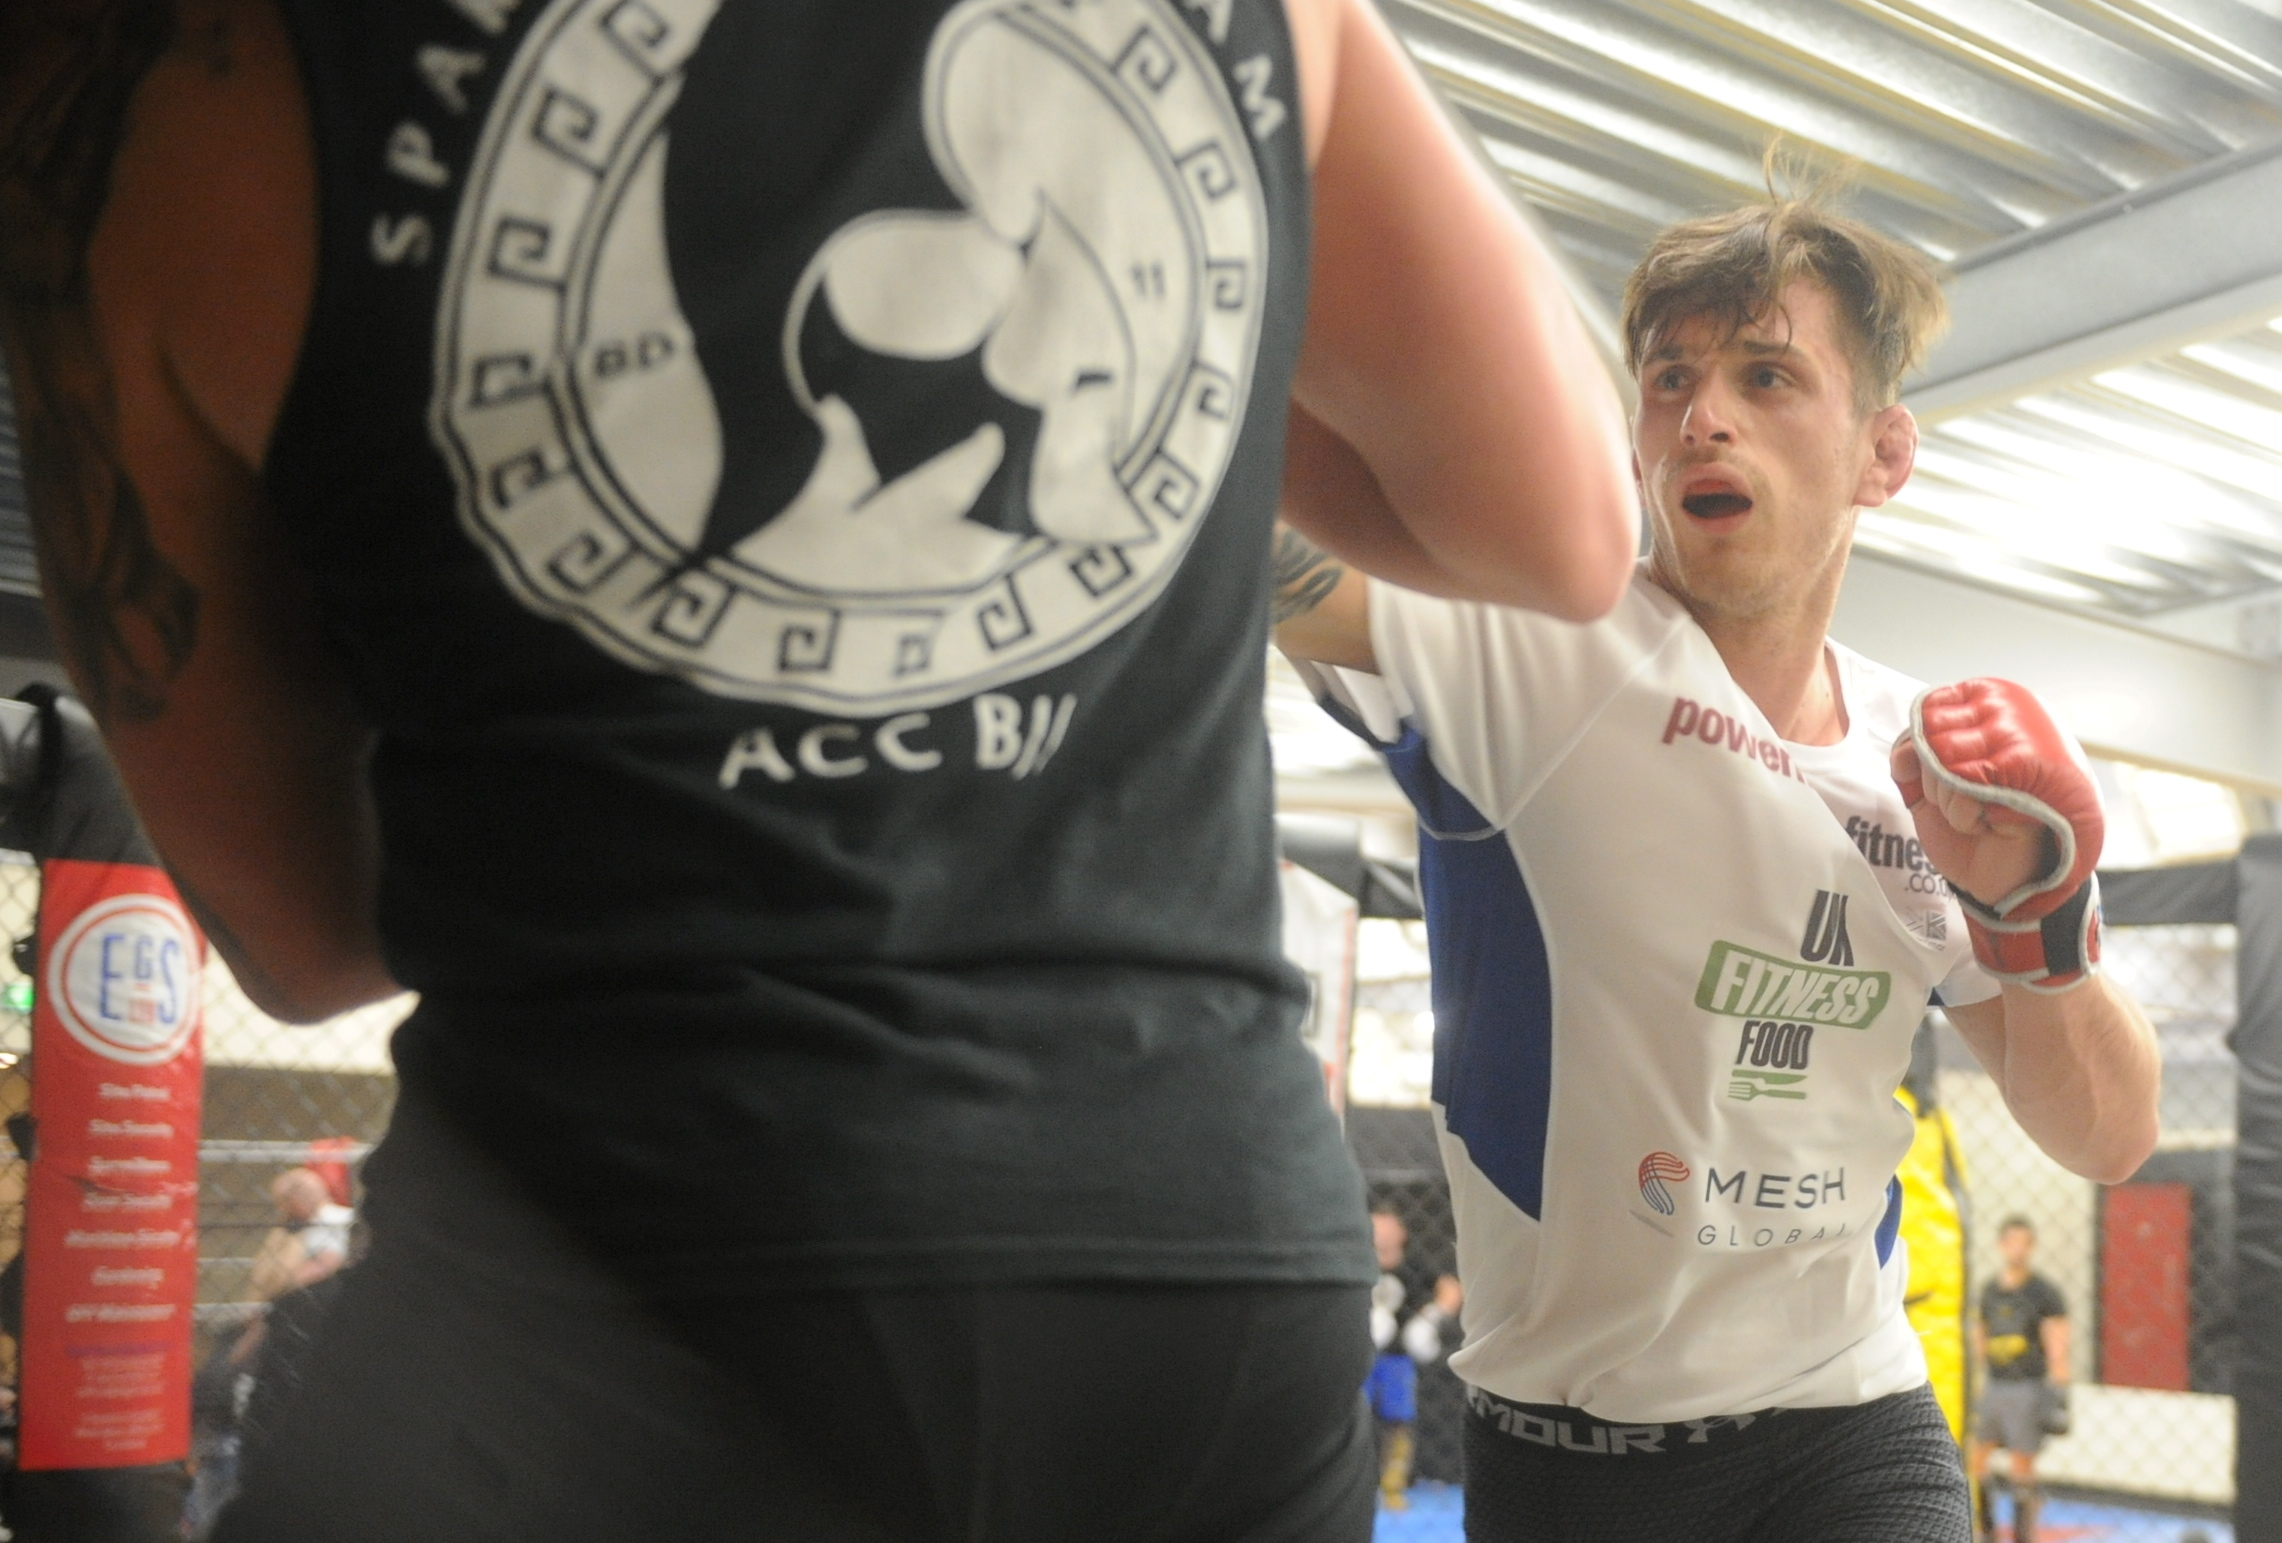 Aberdeen MMA fighter Paull McBain.